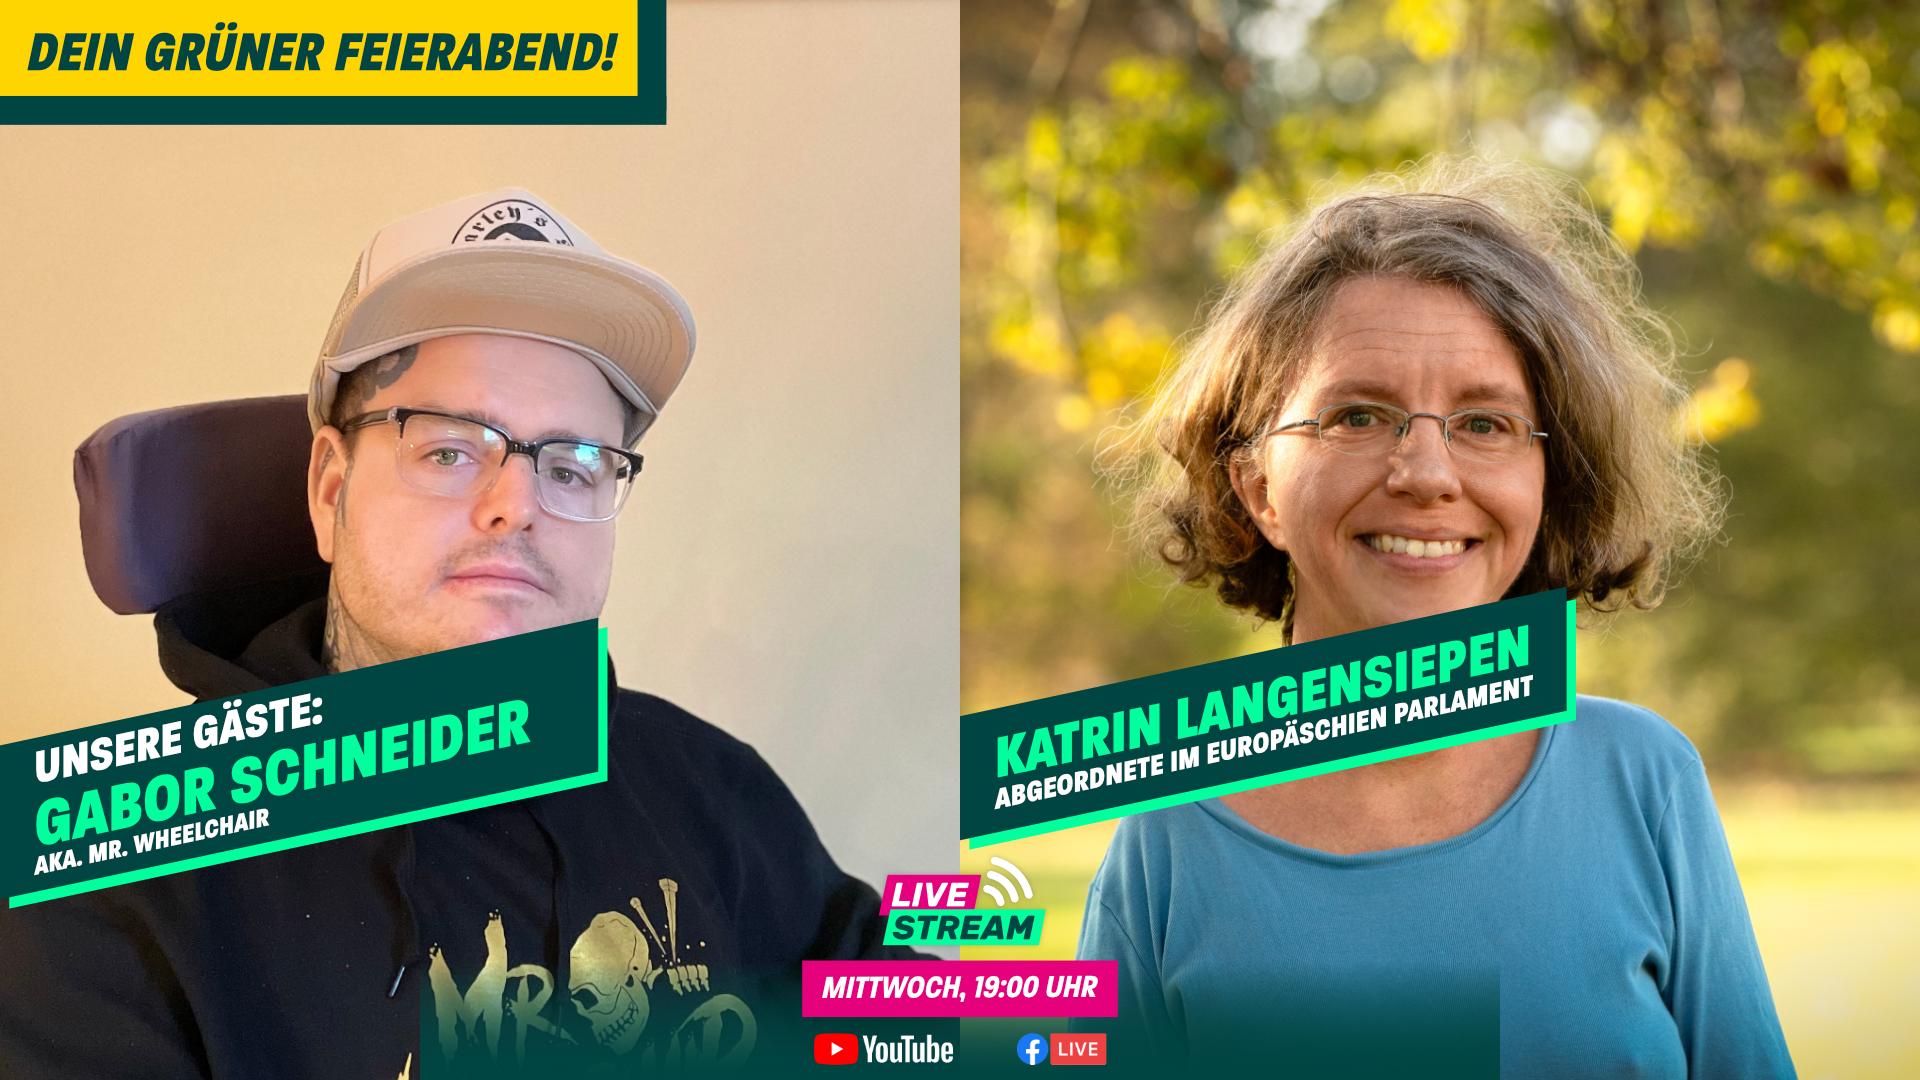 Dein Grüner Feierabend am 21.04. – mit Katrin Langensiepen und Gabor Schneider